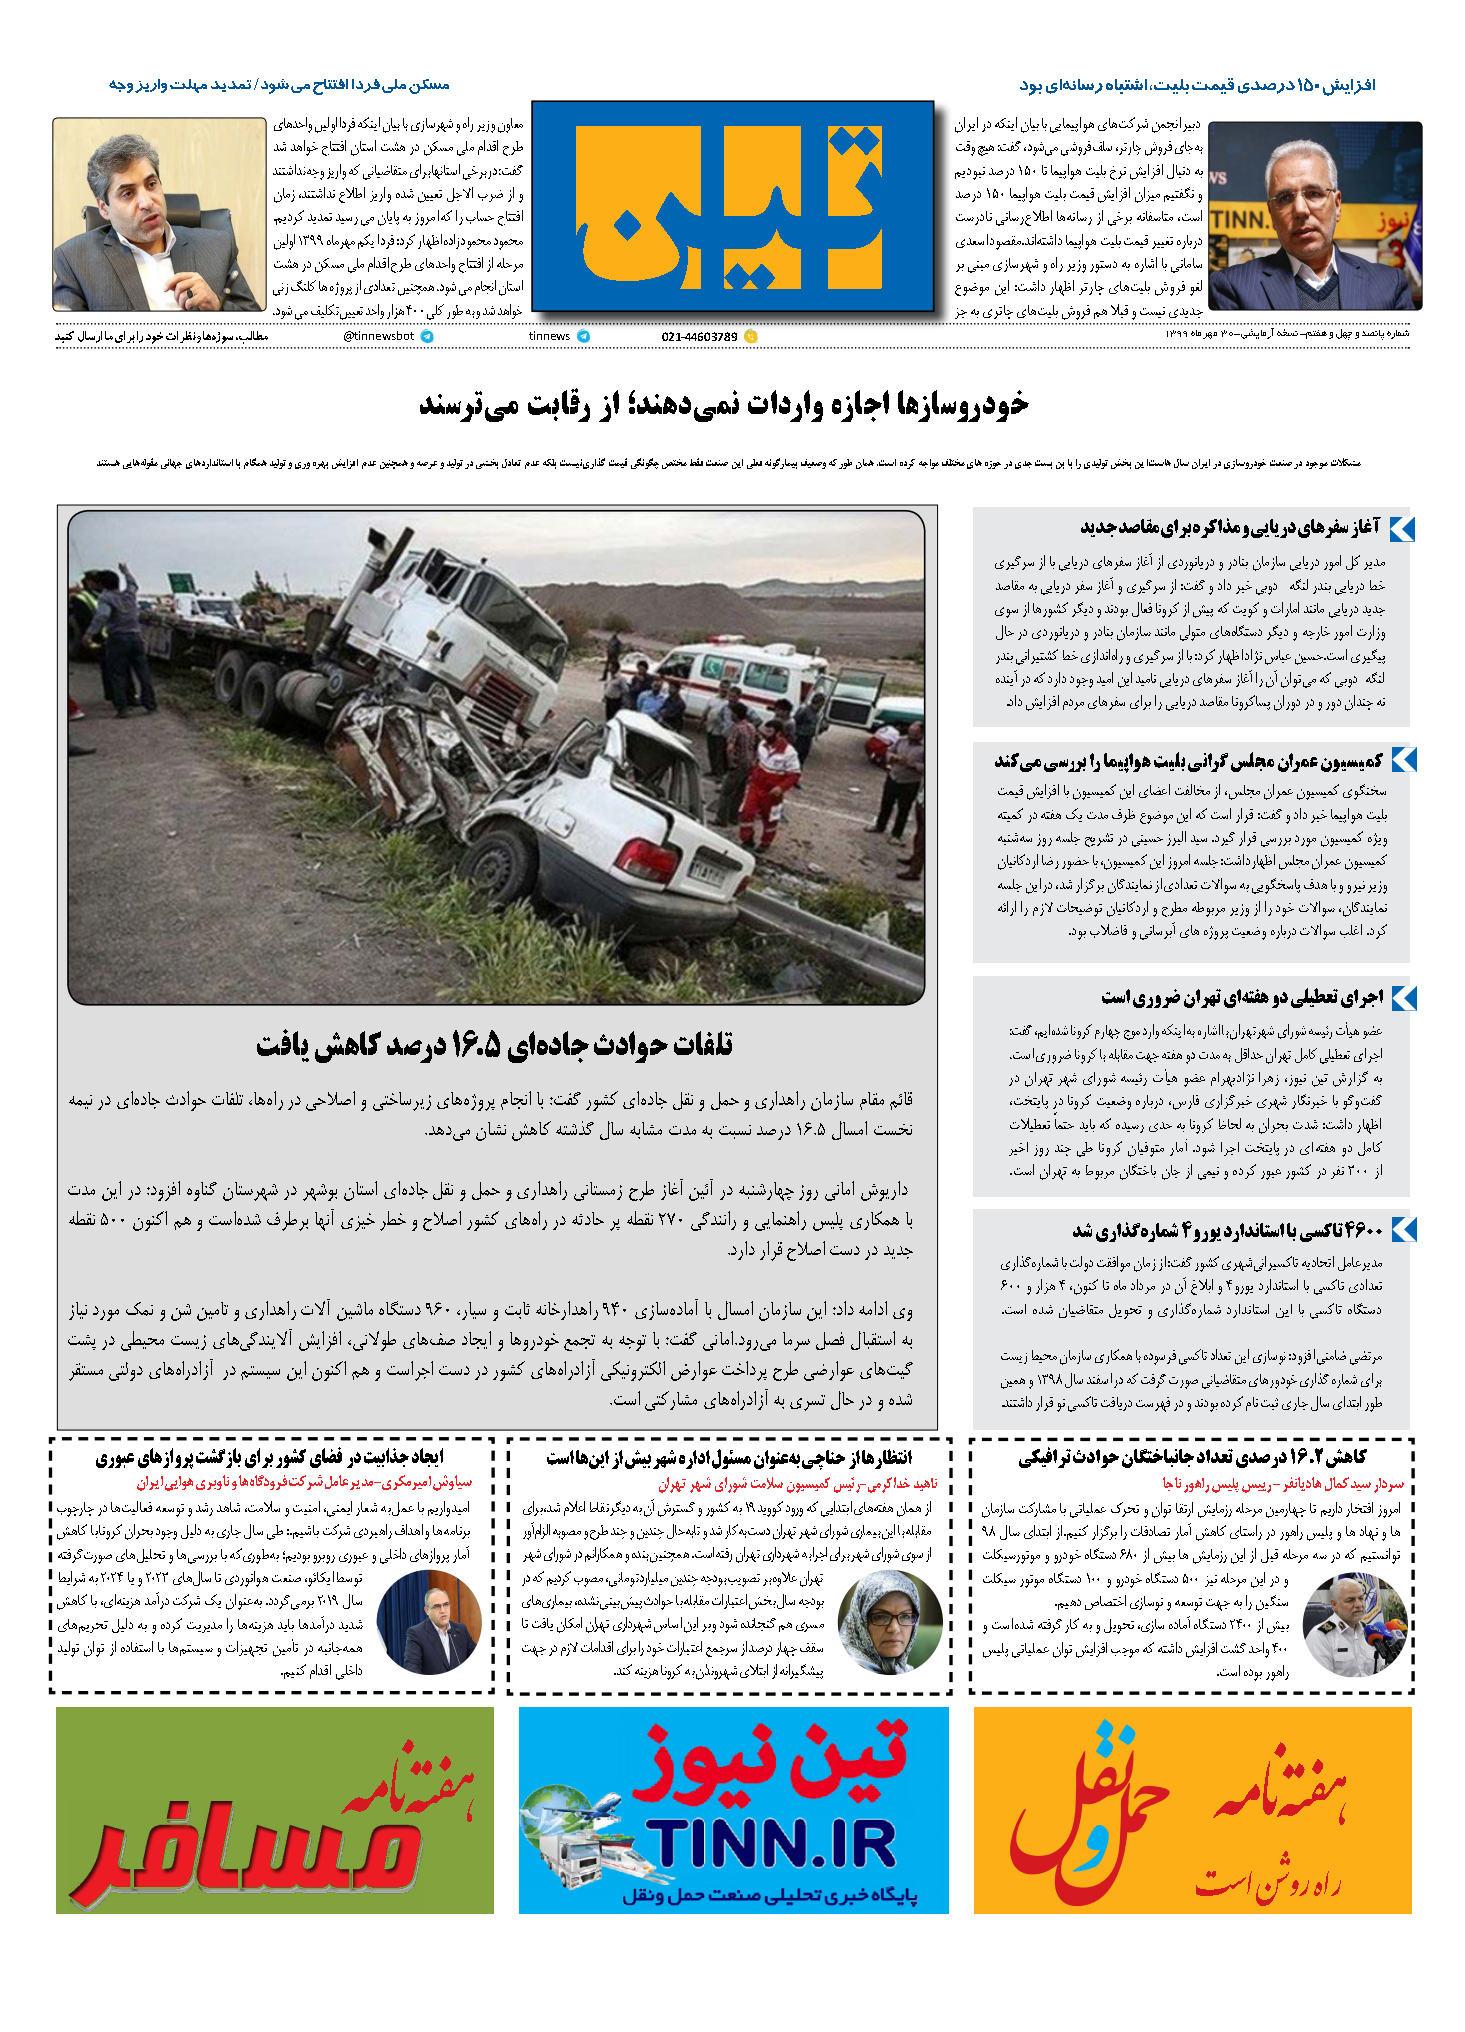 روزنامه الکترونیک 30 مهر ماه 99